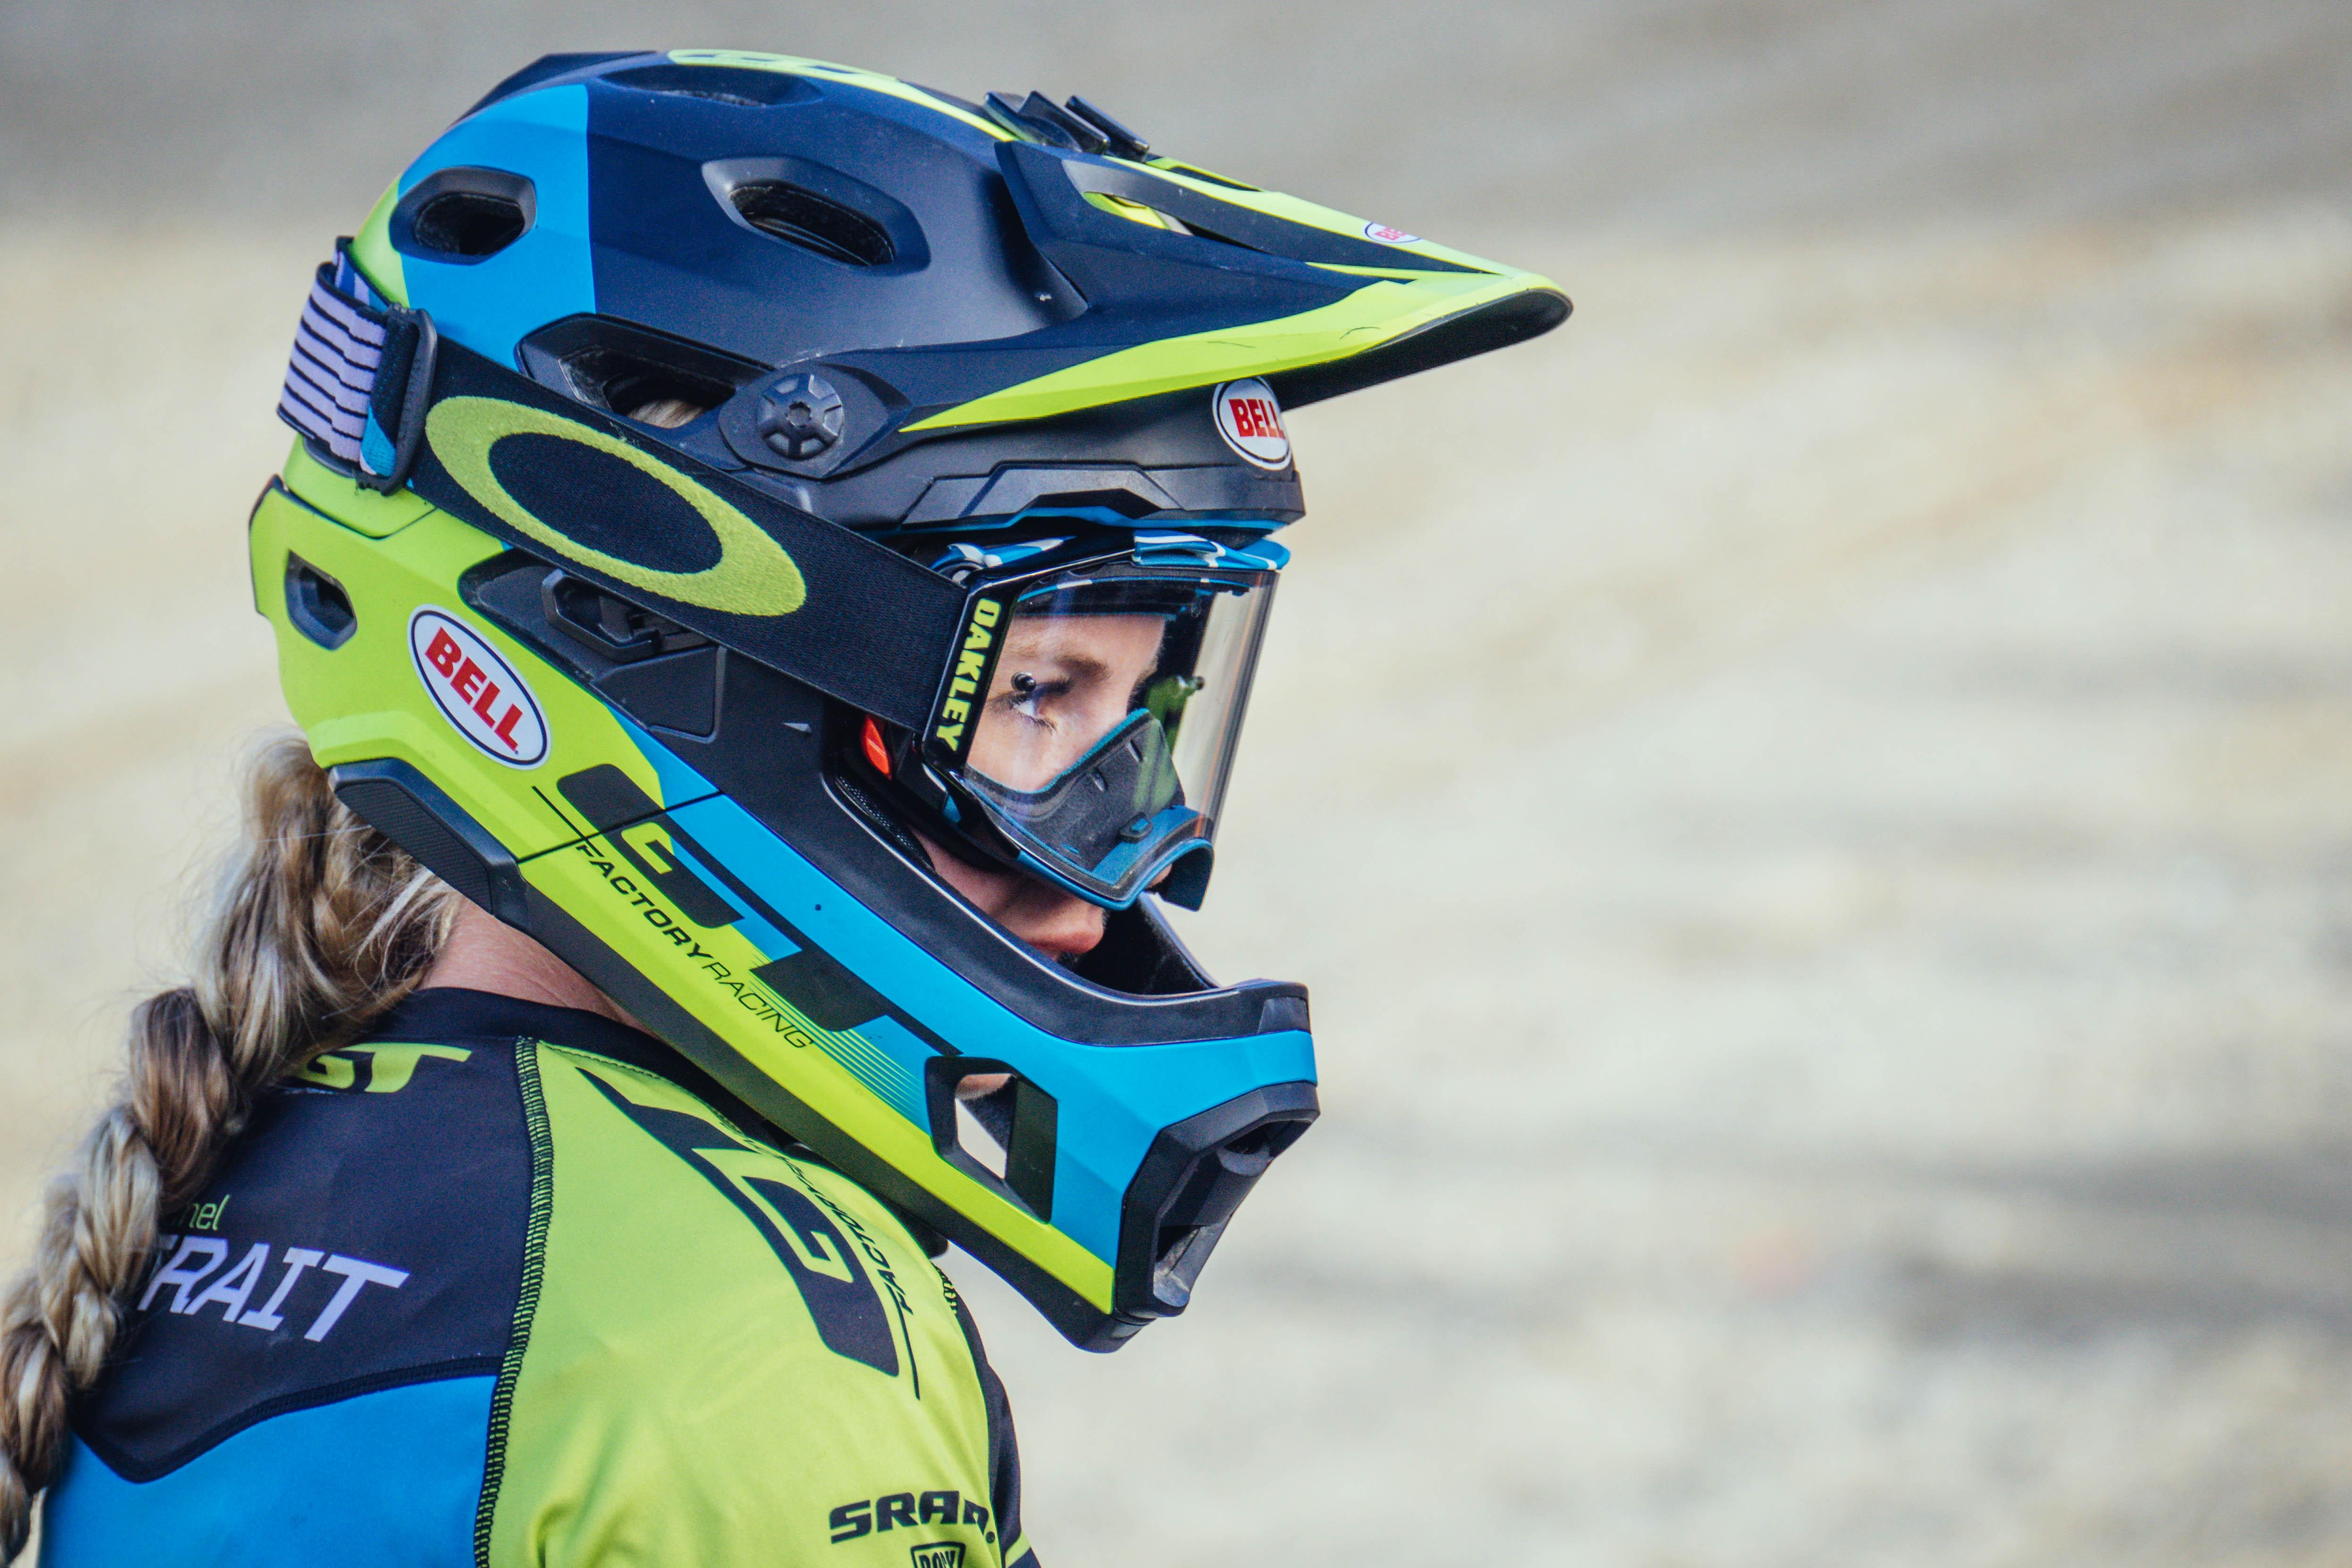 Rachel Strait S Bell Super Dh Helmet Pit Bits